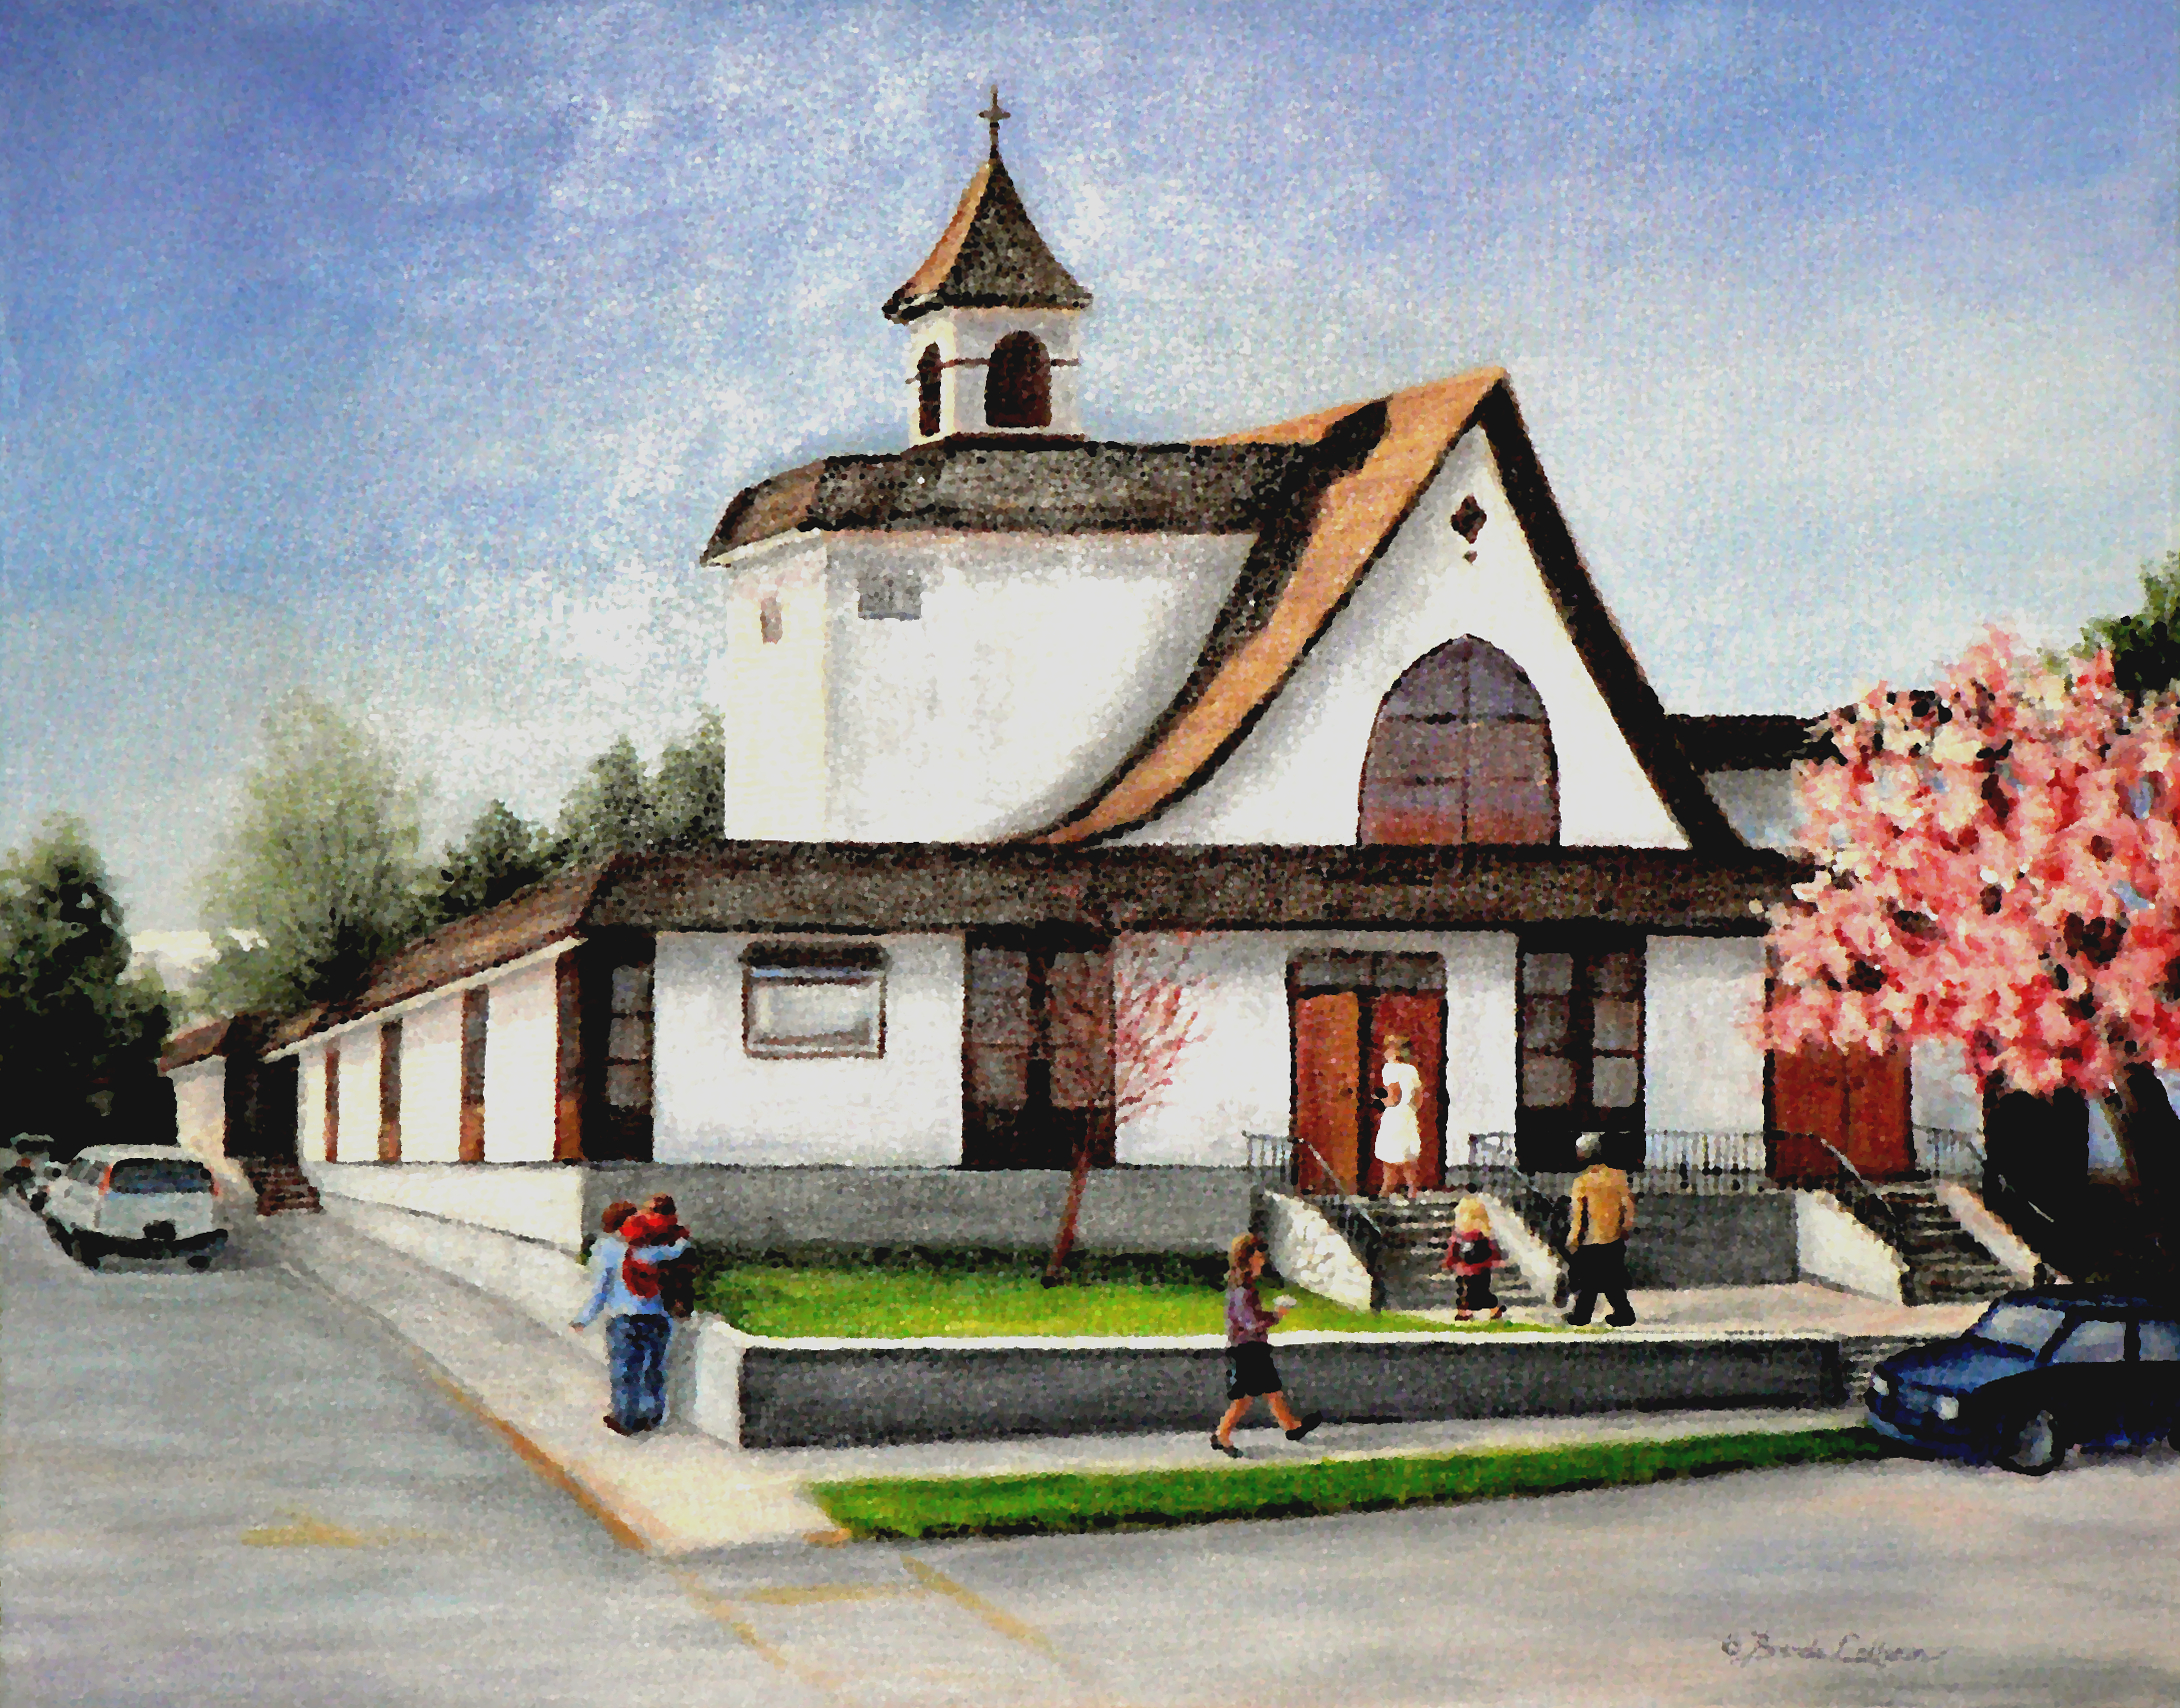 St. George's United Church